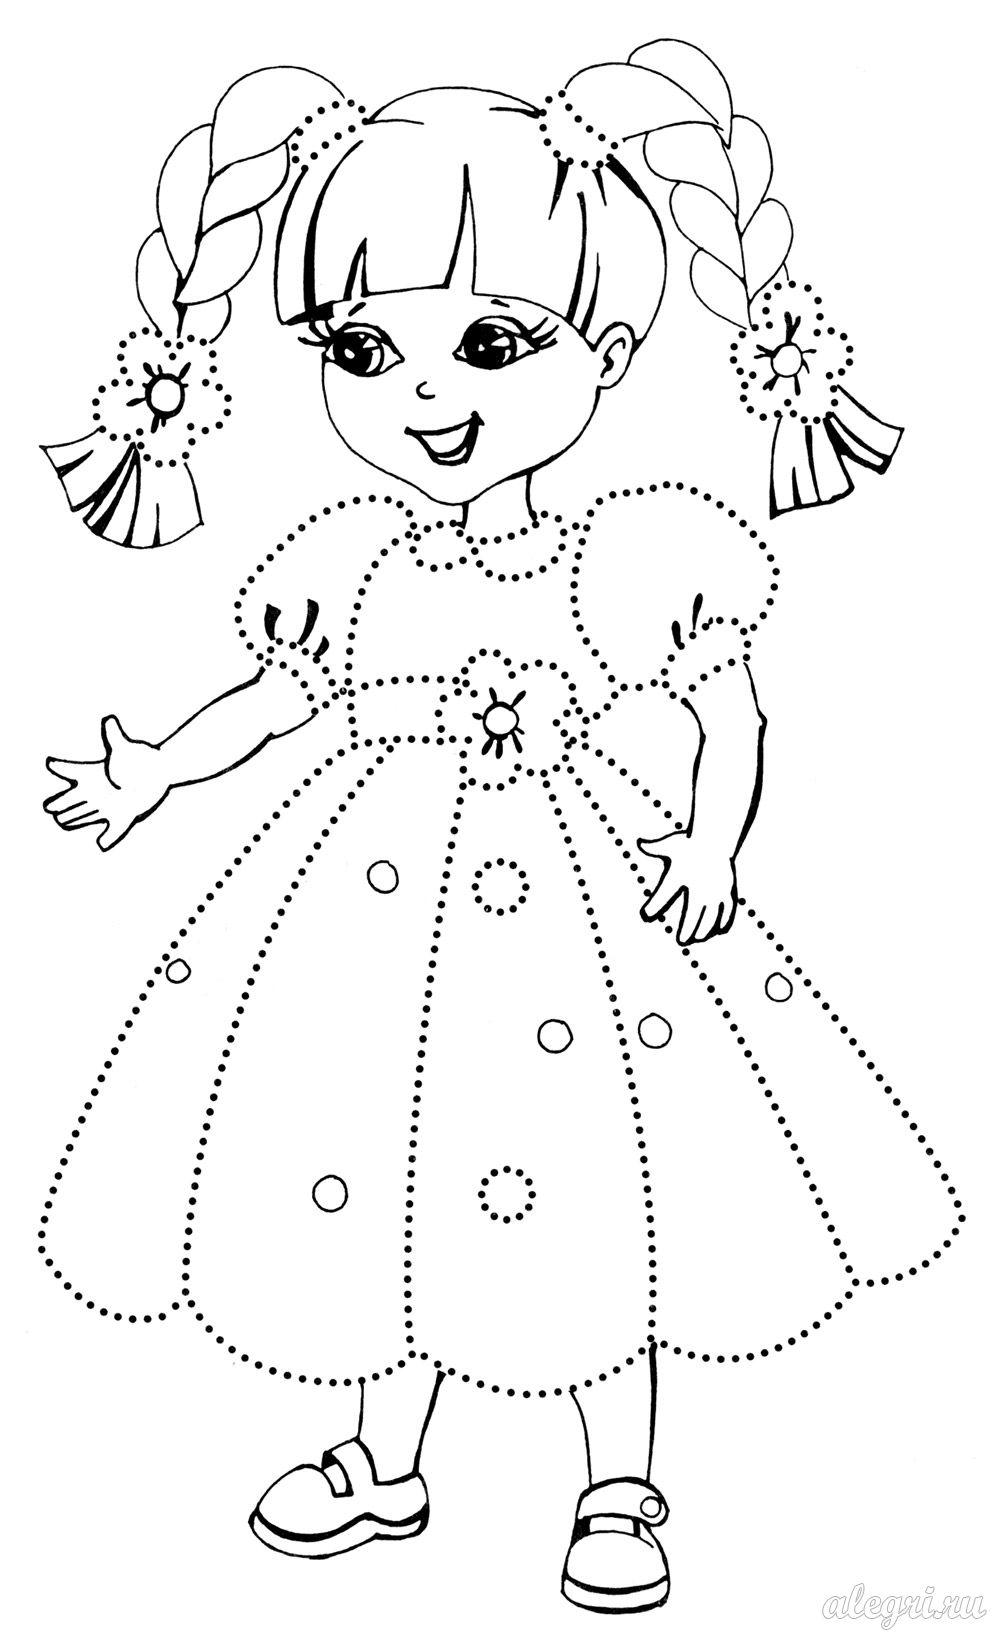 Кукла раскраска распечатать бесплатно 132